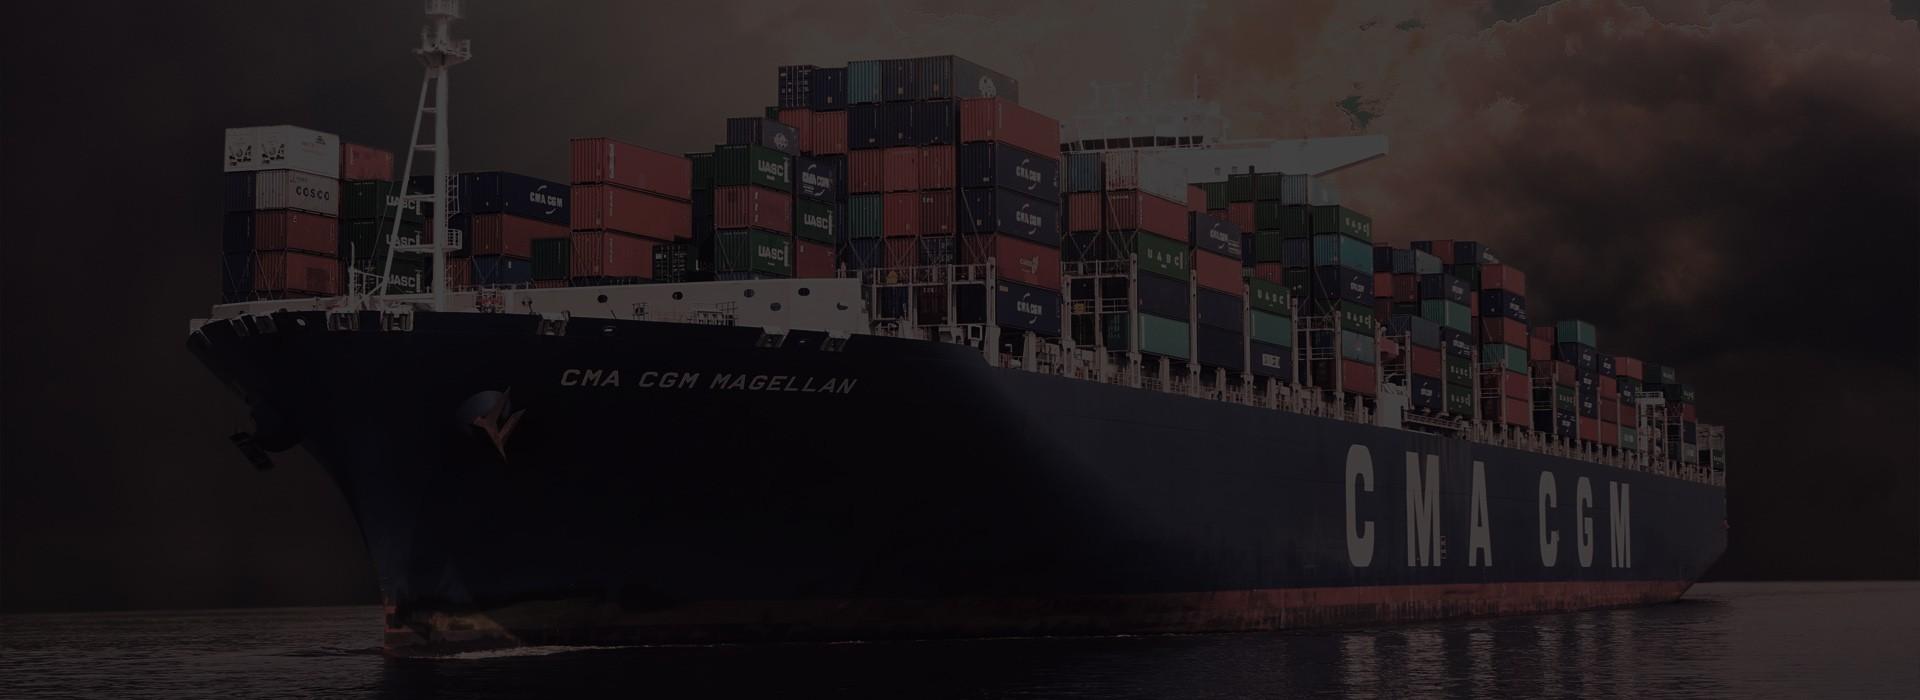 提供个性化的货运服务